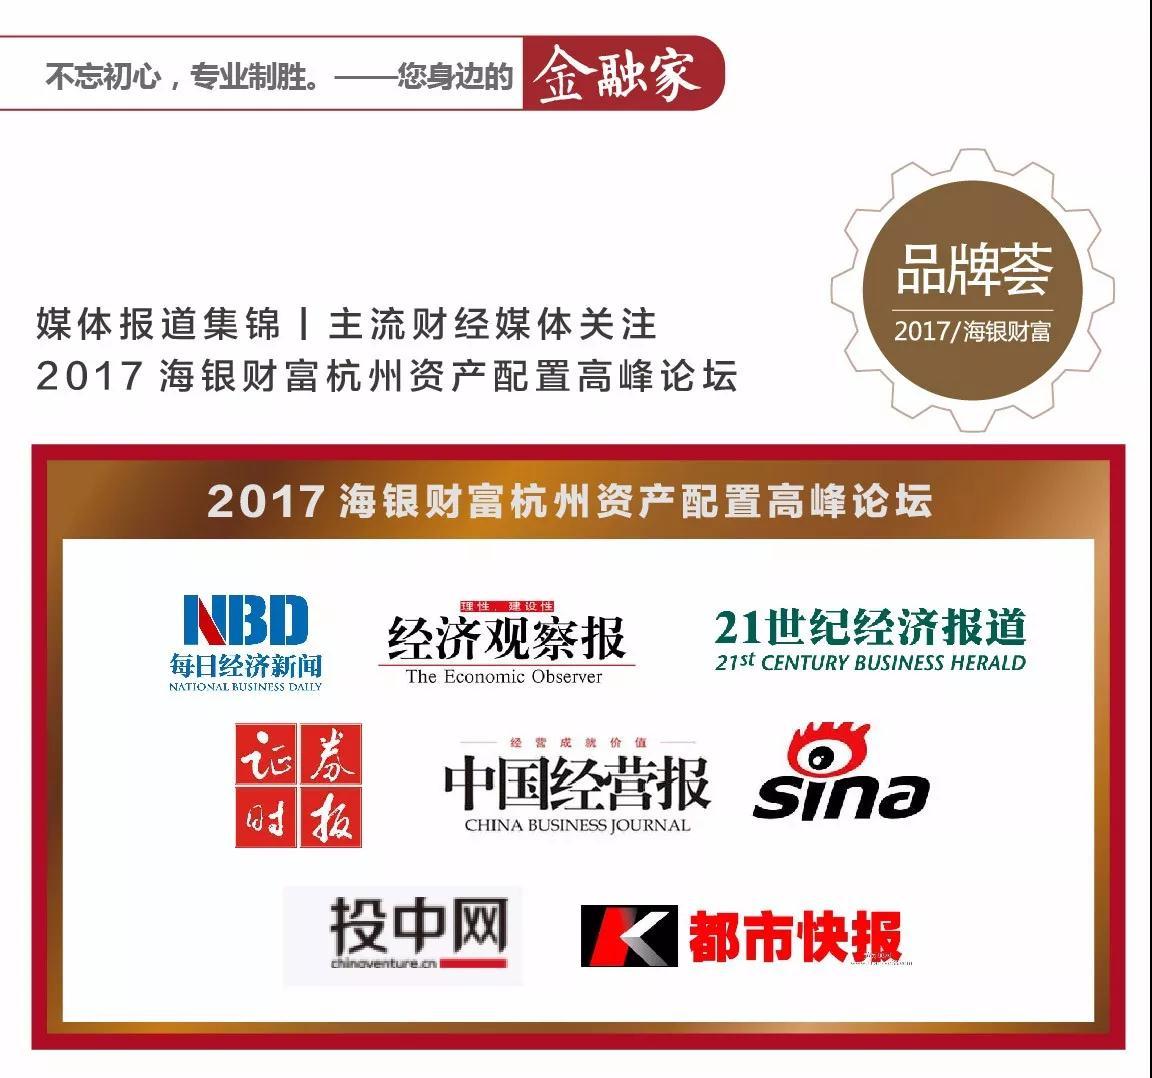 媒体报道集锦|主流财经媒体关注2017杭州资产配置高峰论坛